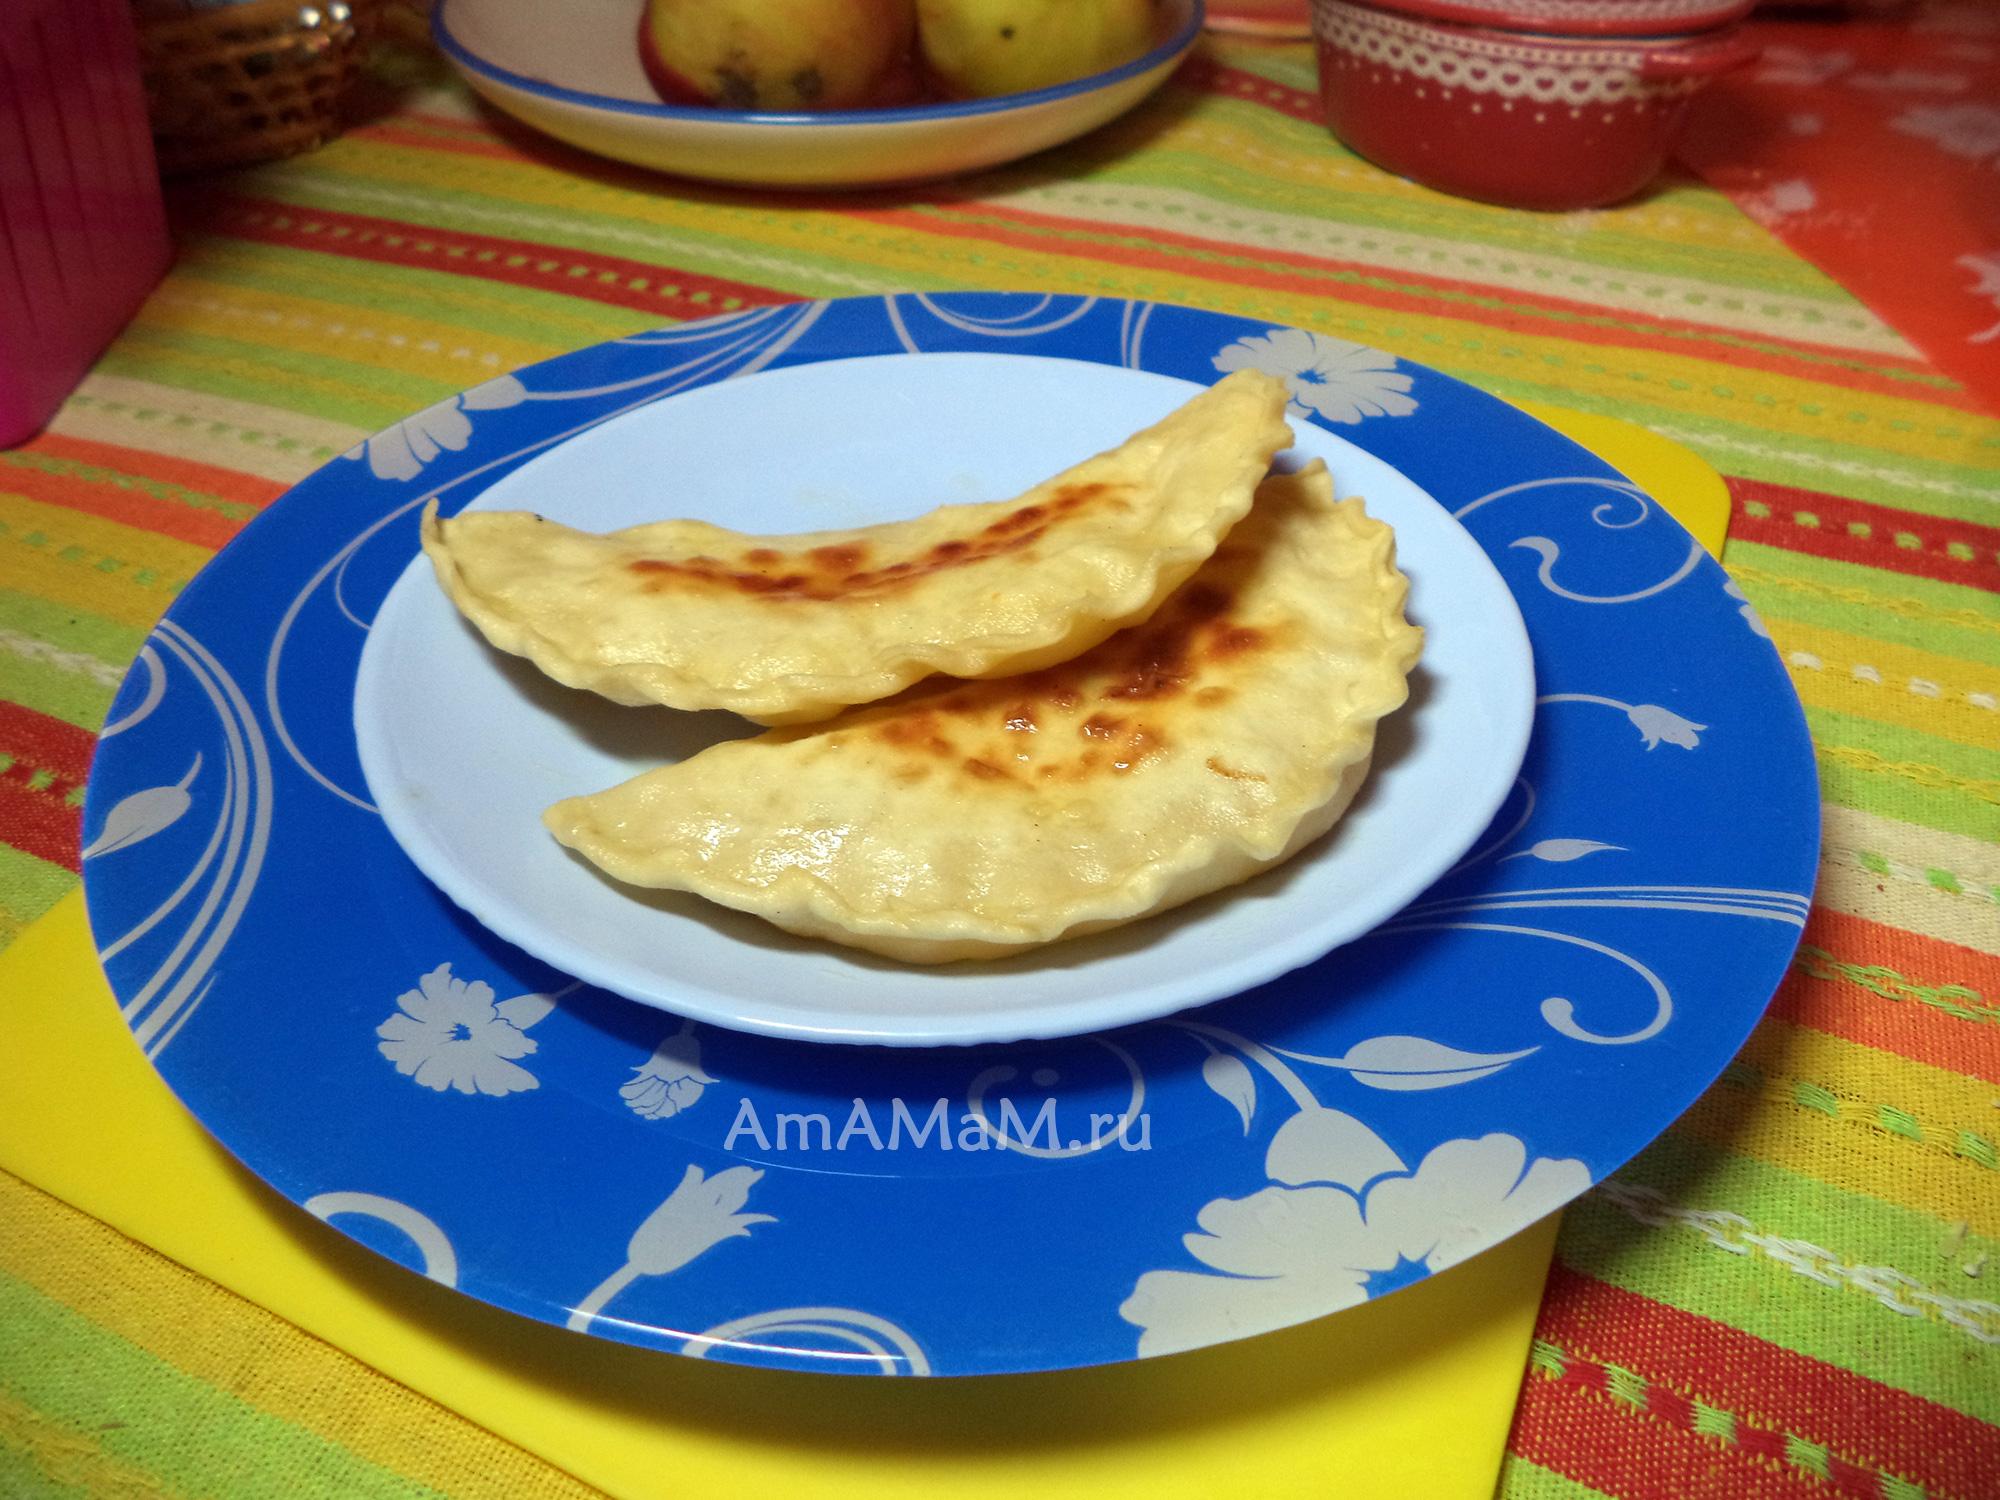 Тертый пирог с лимонной начинкой рецепт пошаговый